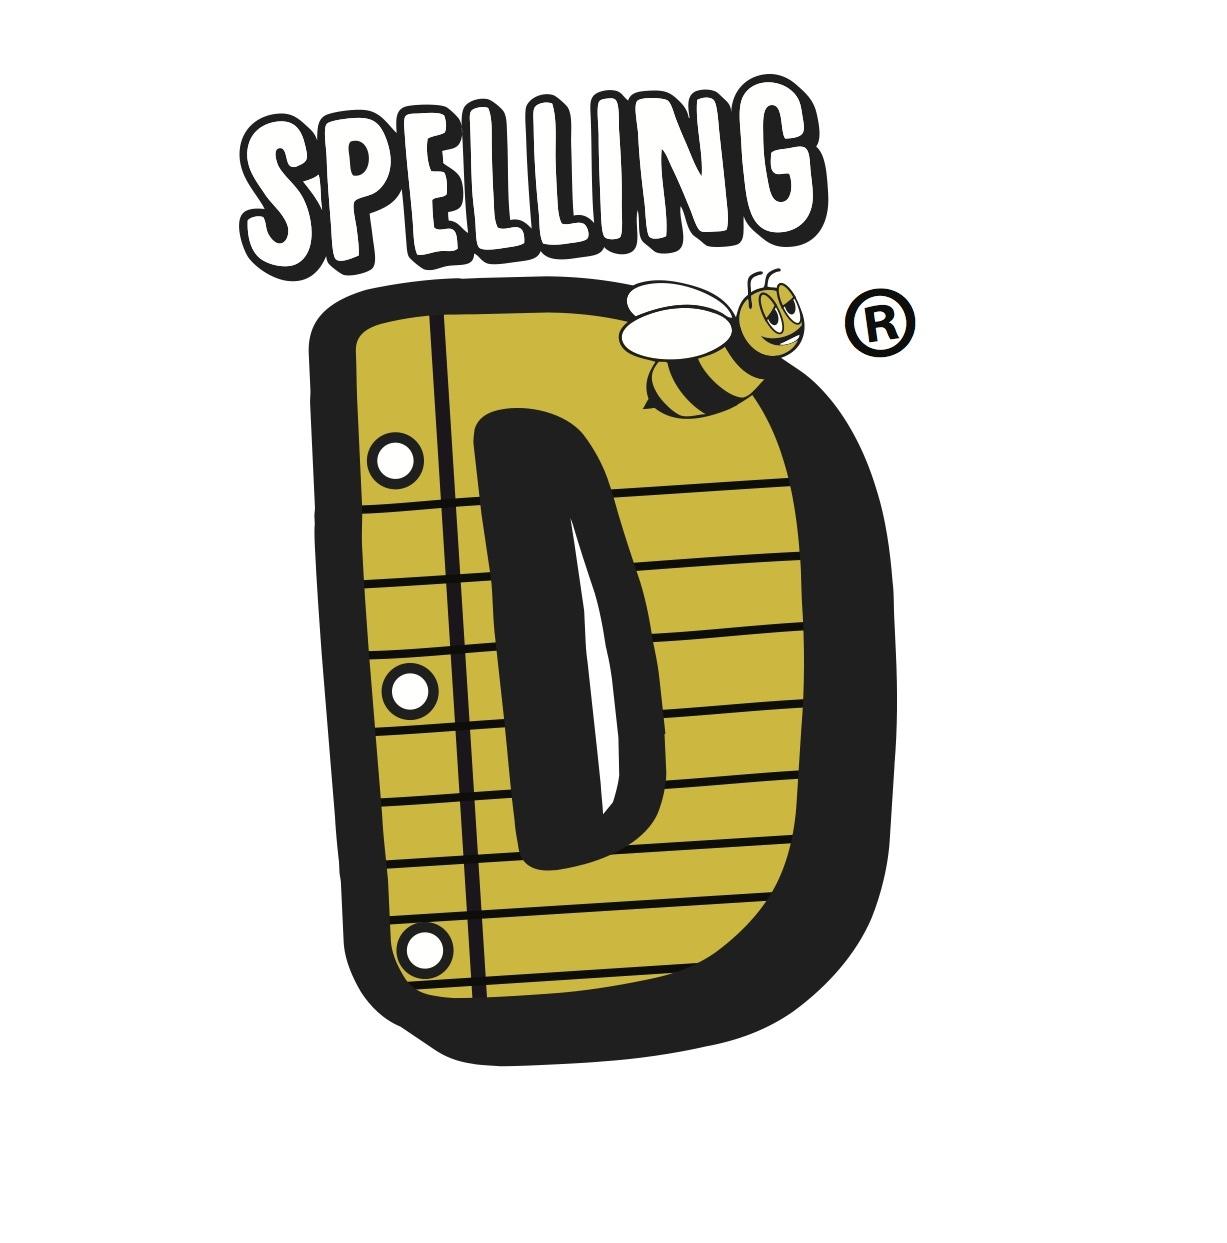 SPELLING DZ (1).jpg